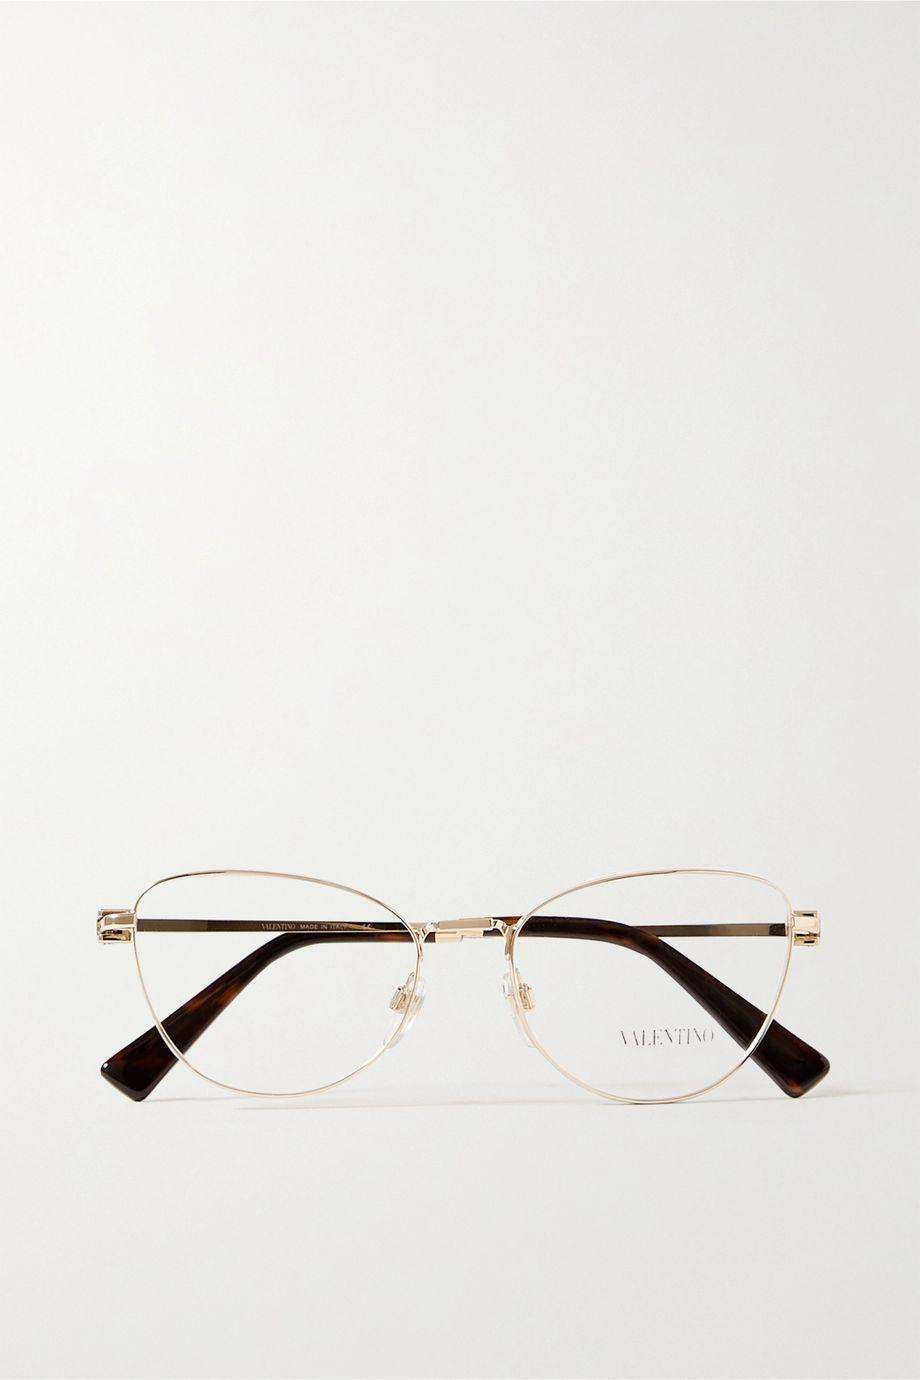 Valentino Valentino Garavani cat-eye gold-tone and tortoiseshell acetate optical glasses